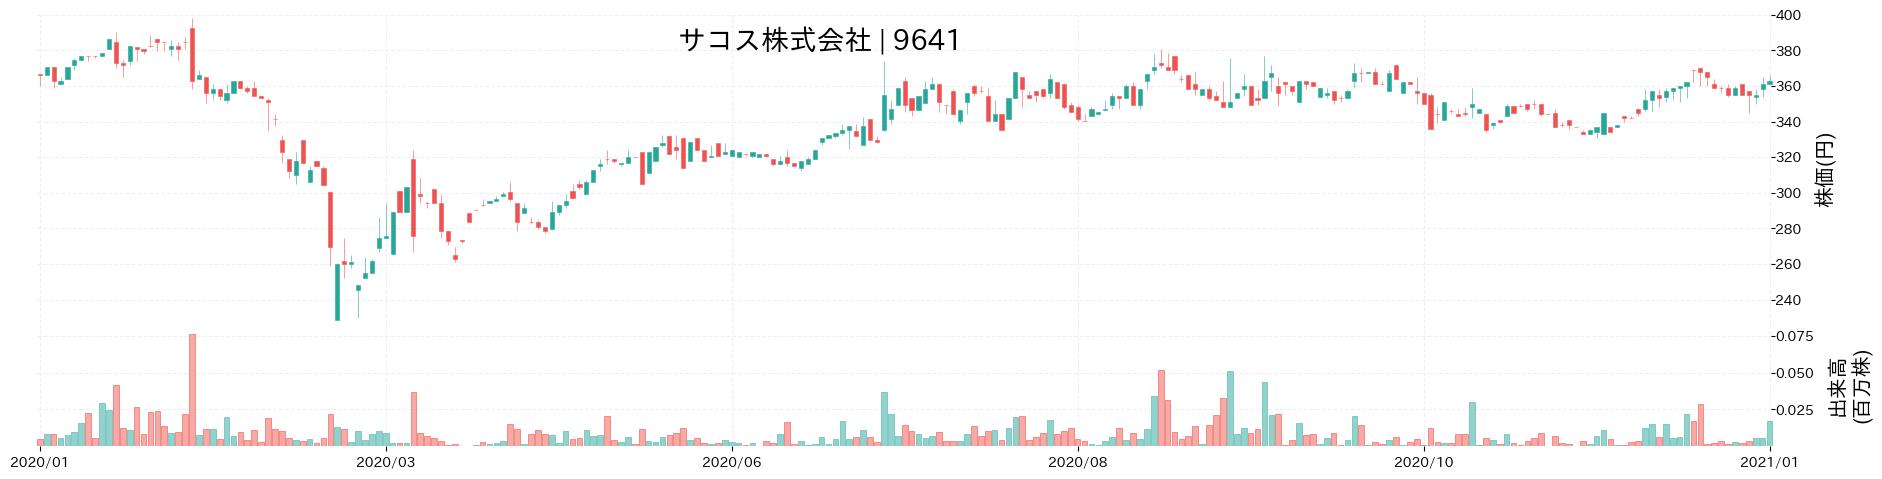 サコス株式会社の株価推移(2020)